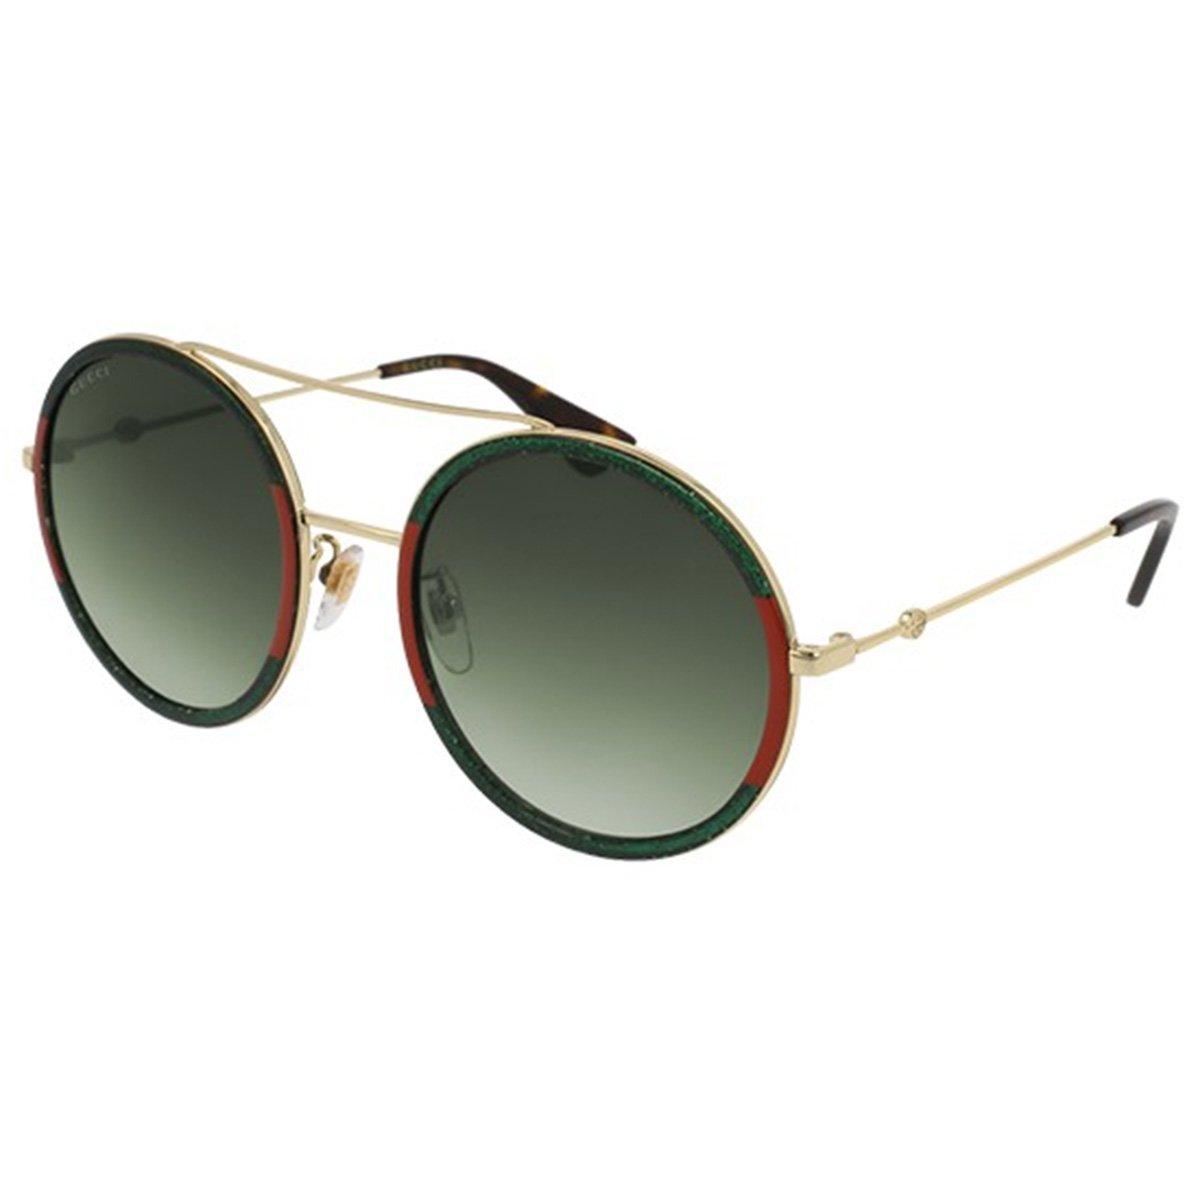 c50a18f93 Compre Óculos de Sol Gucci em 10X | Tri-Jóia Shop